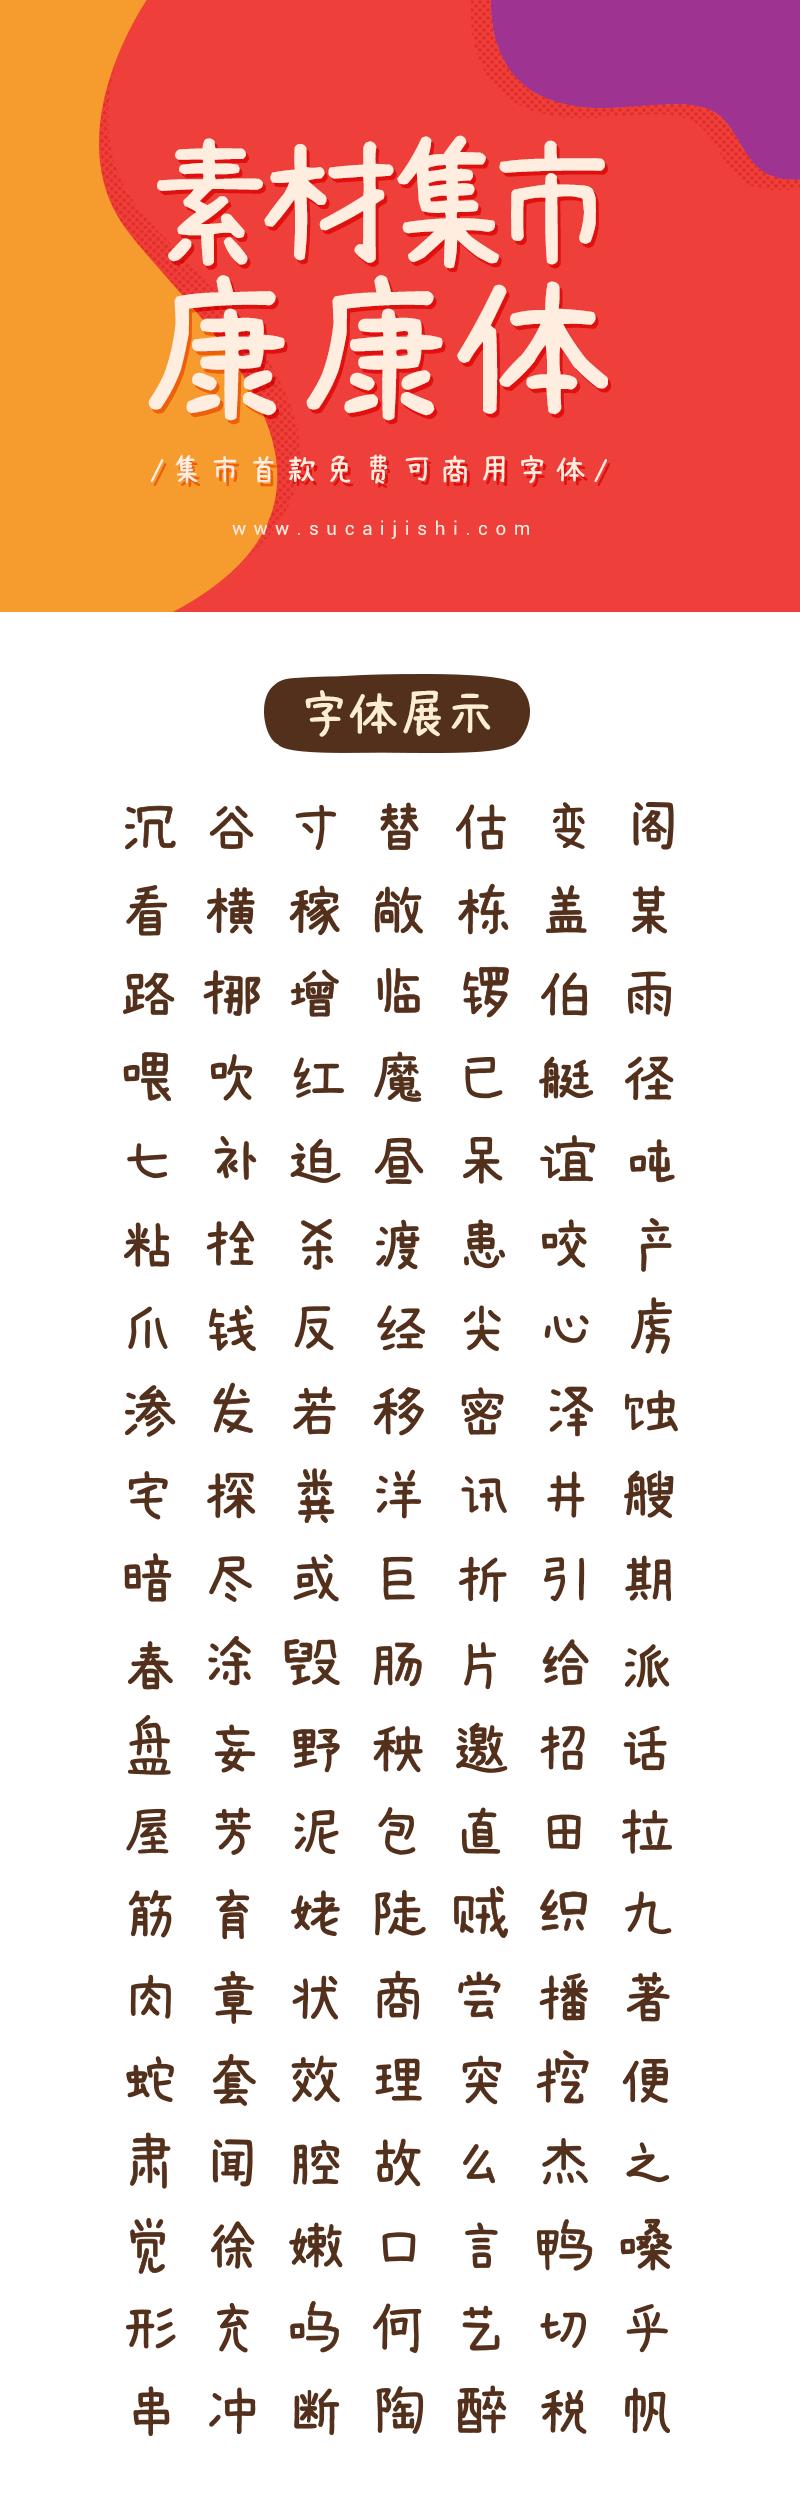 素材集市首款原创字体「康康体」正式跟大家见面了,免费可商用